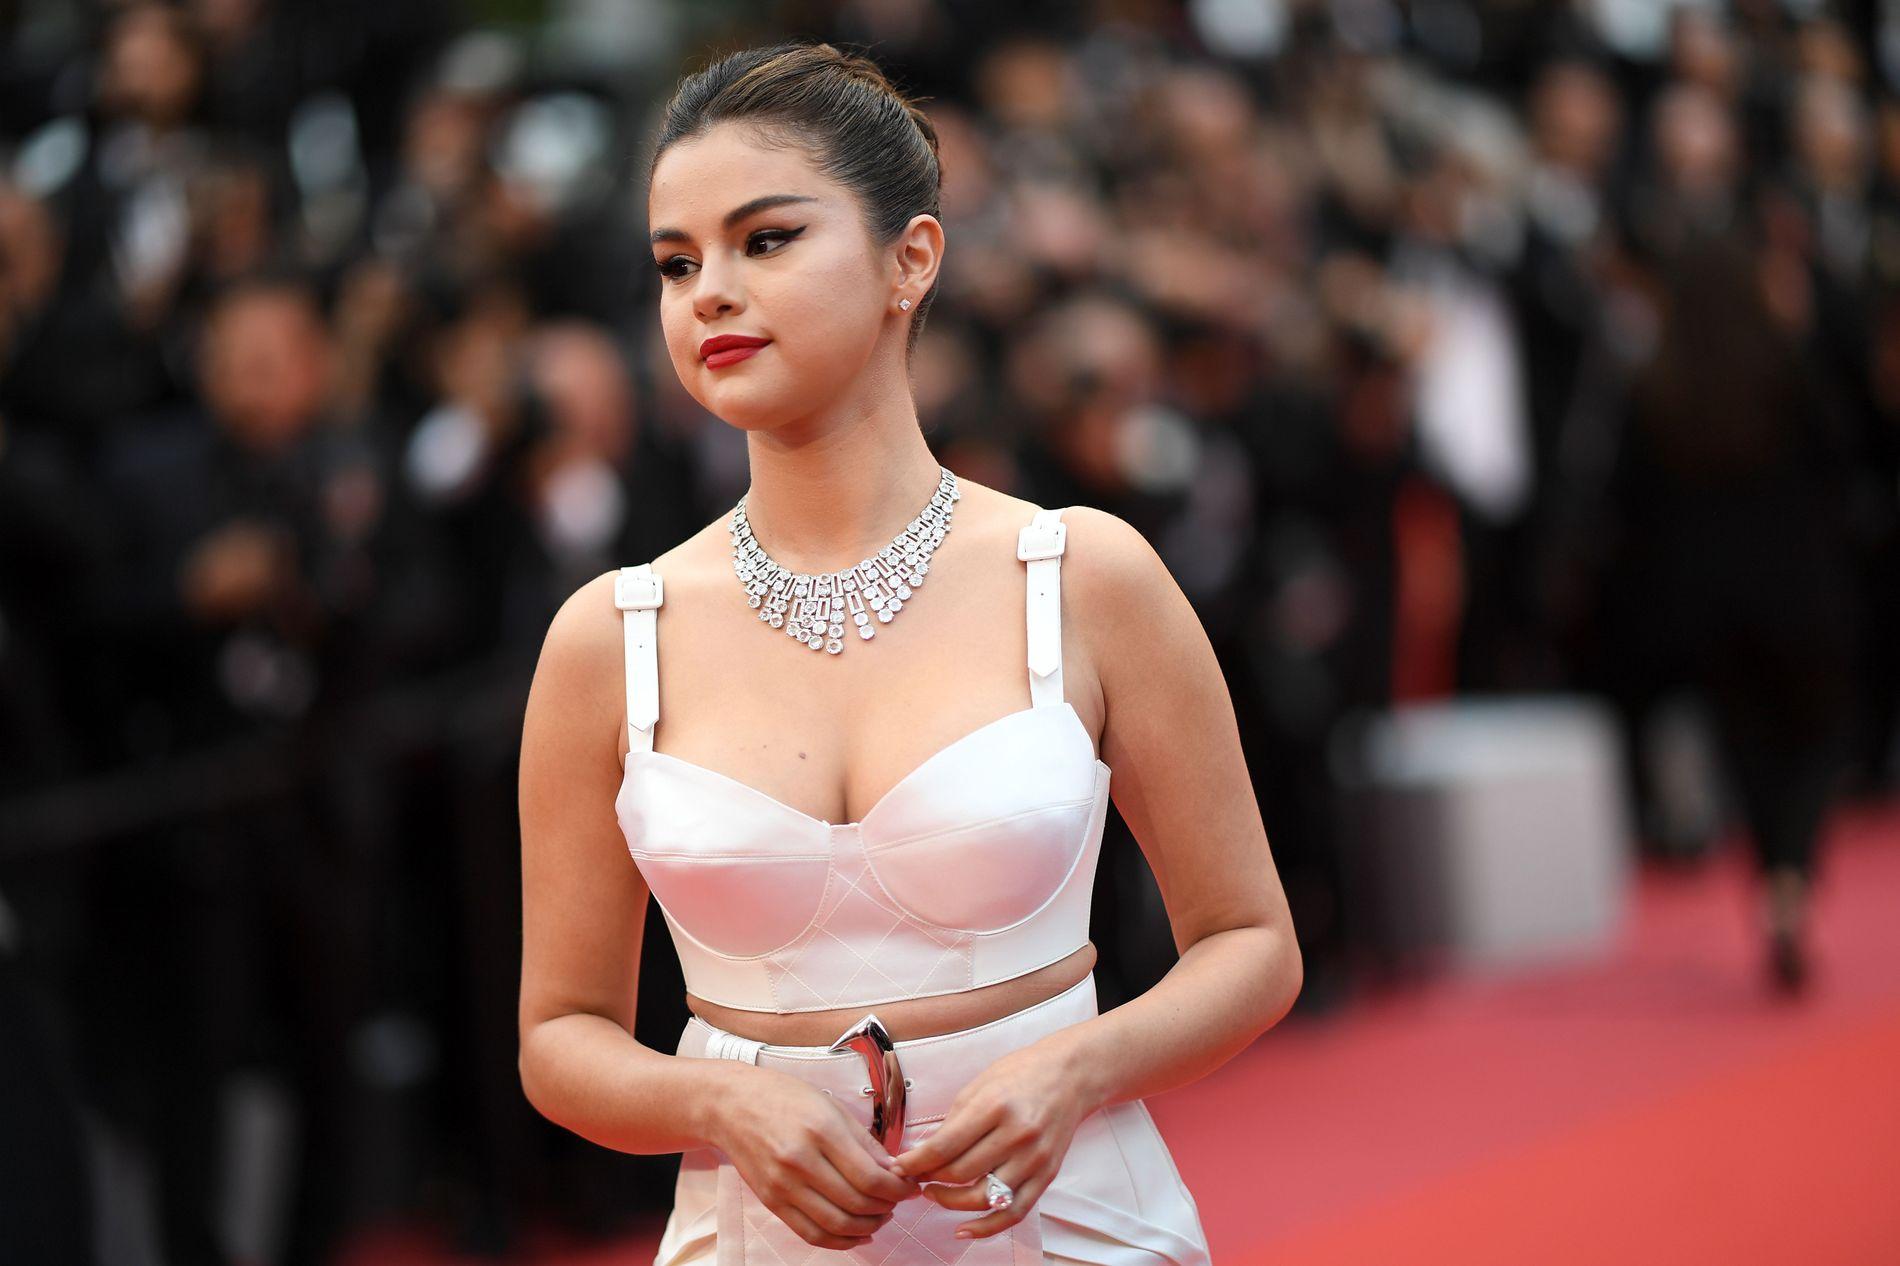 PÅ RØD LØPER: Selena Gomez på åpningen av filmfestivalen i Cannes tirsdag kveld.